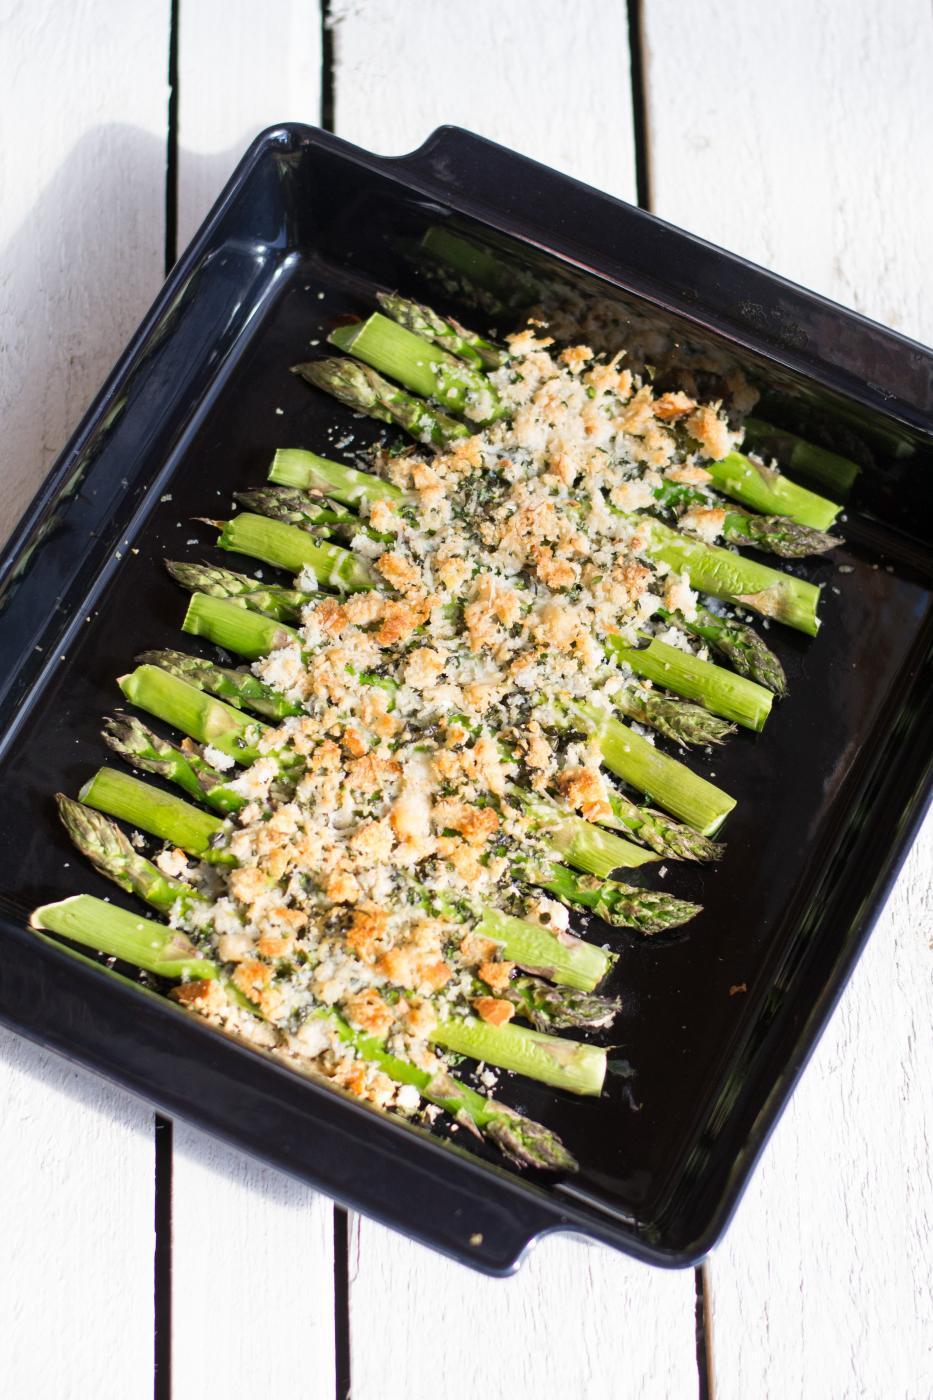 Paras tapa valmistaa parsaa